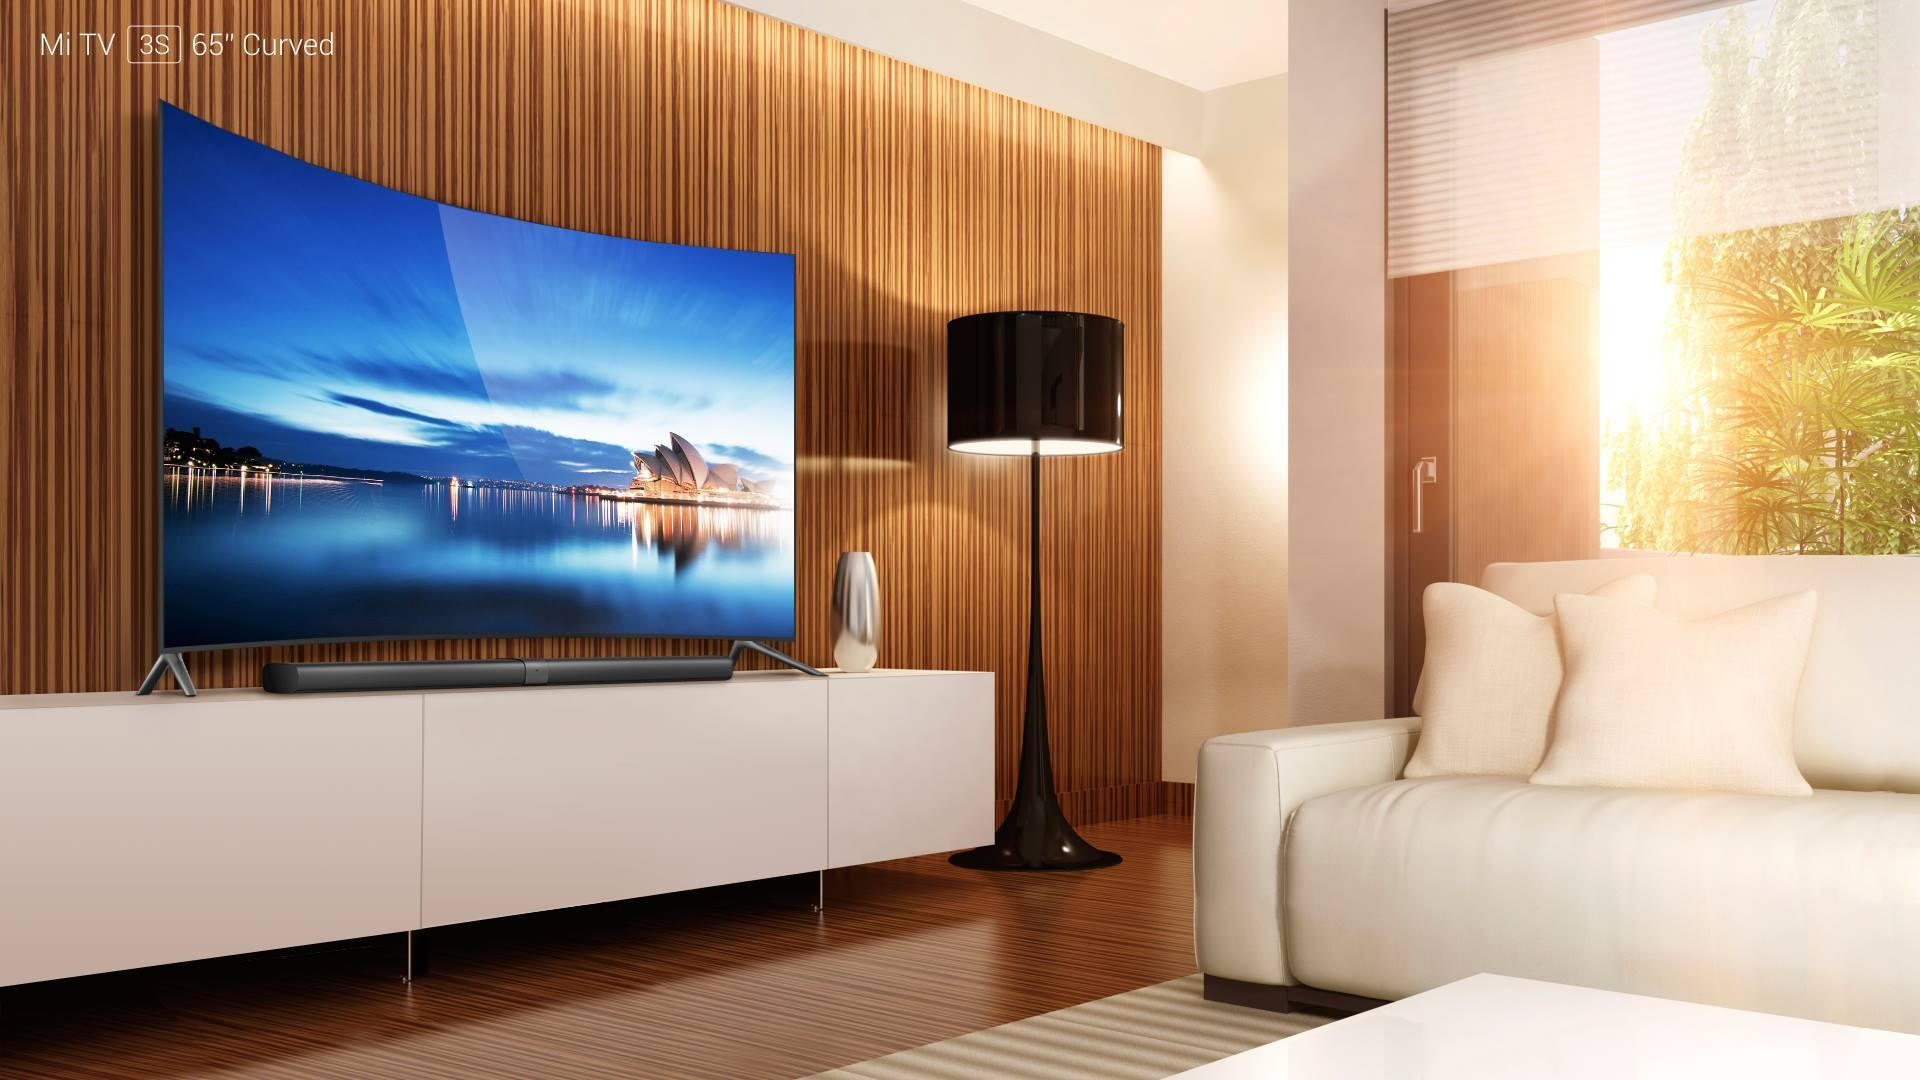 ein schöner Fernseher mit Lowboard, in einem modernen Wohnzimmer